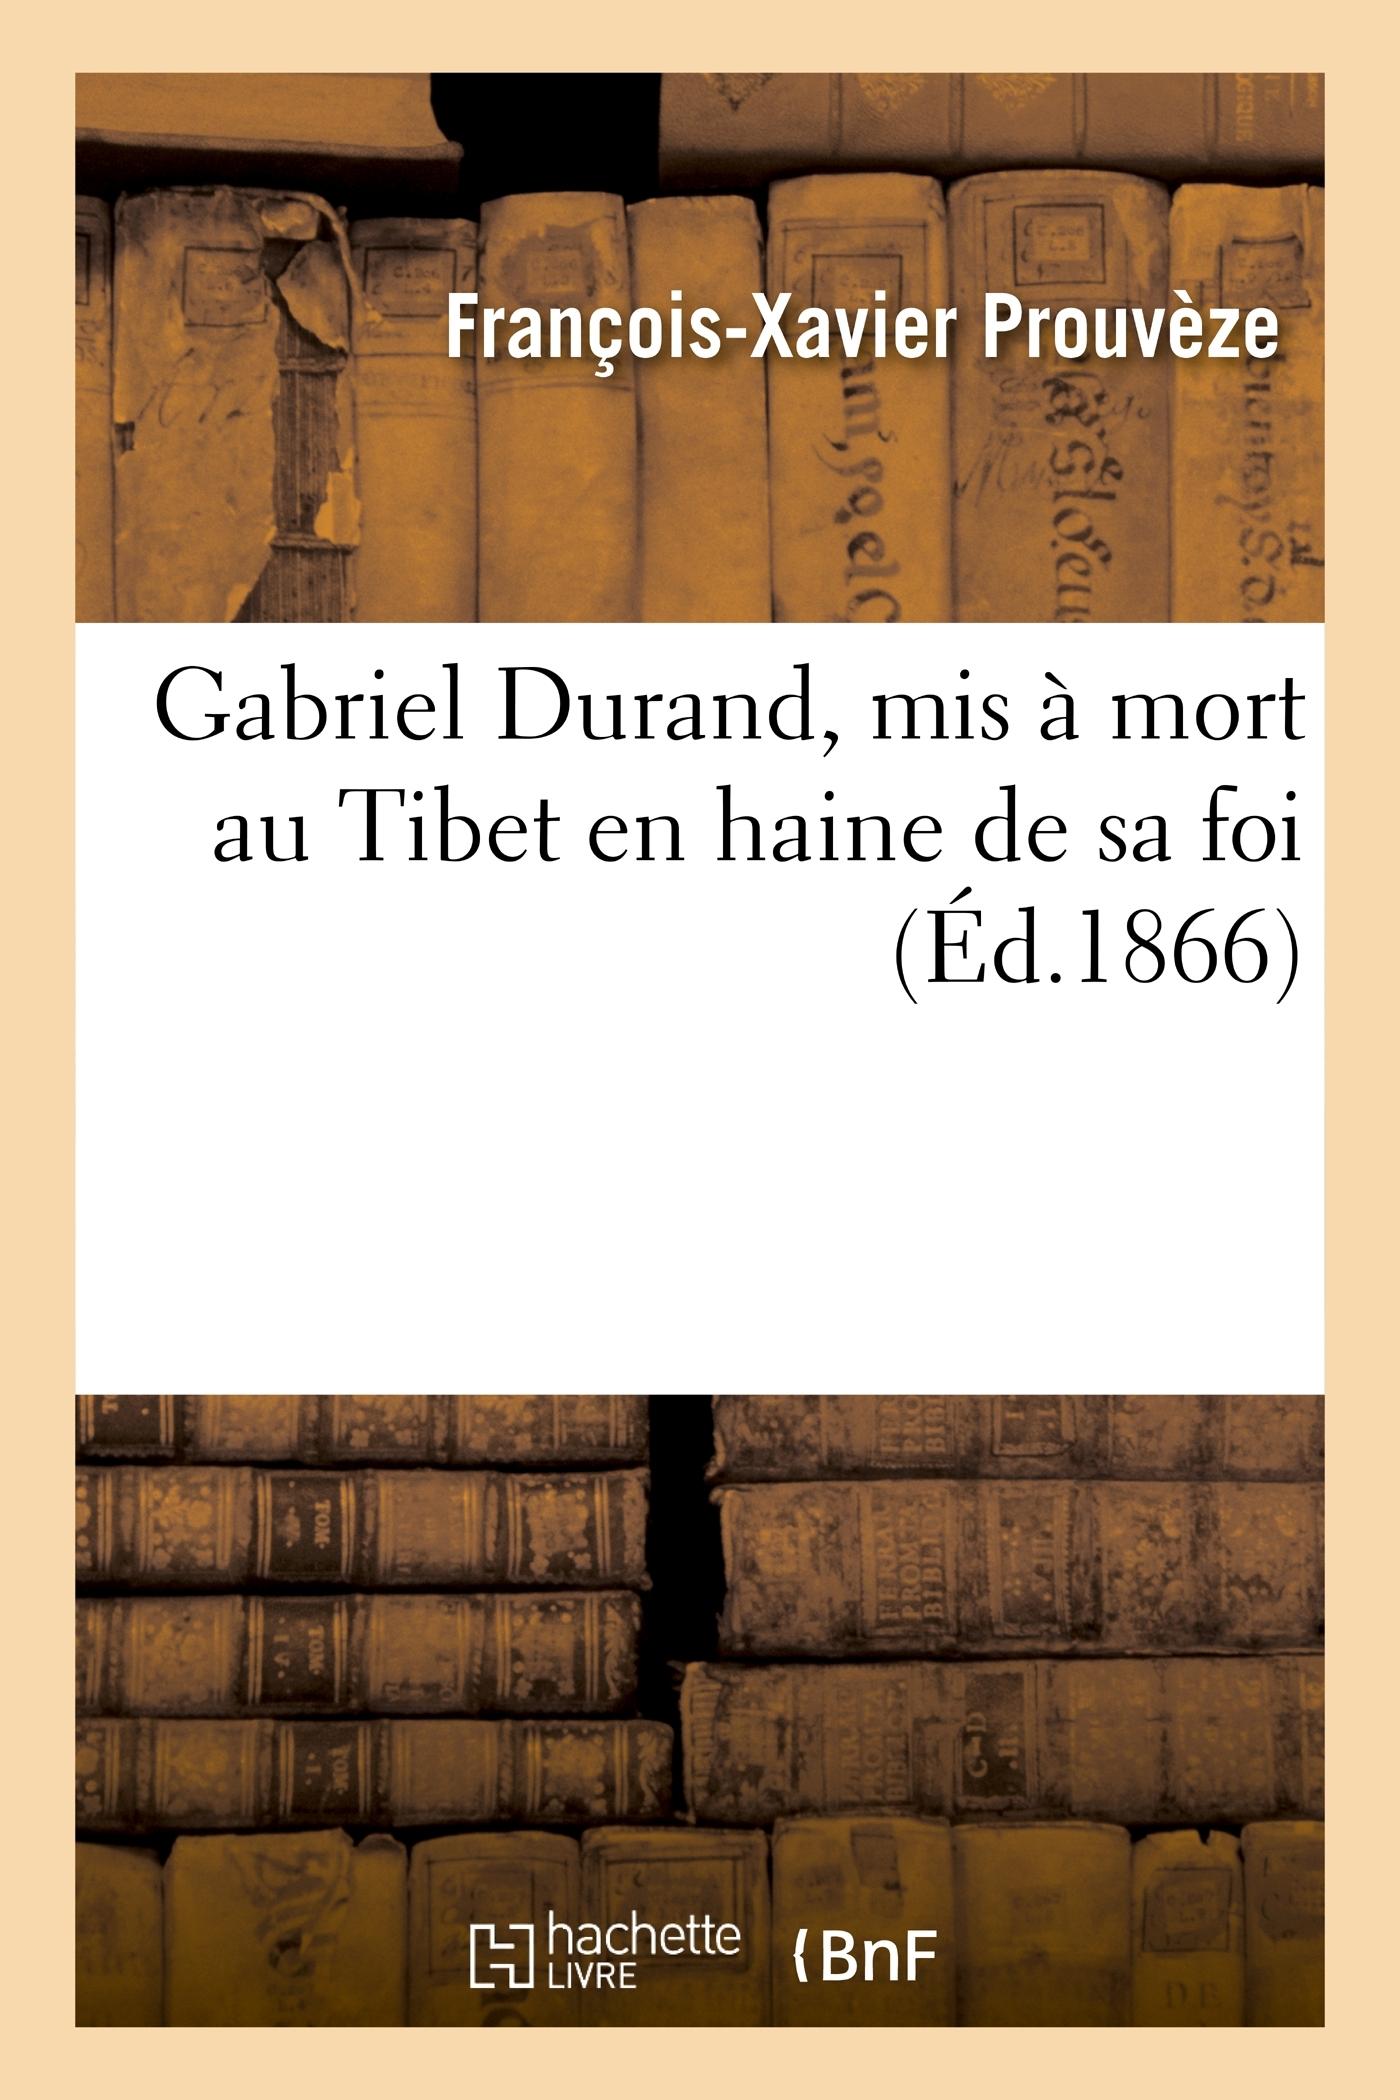 GABRIEL DURAND, MIS A MORT AU THIBET EN HAINE DE SA FOI